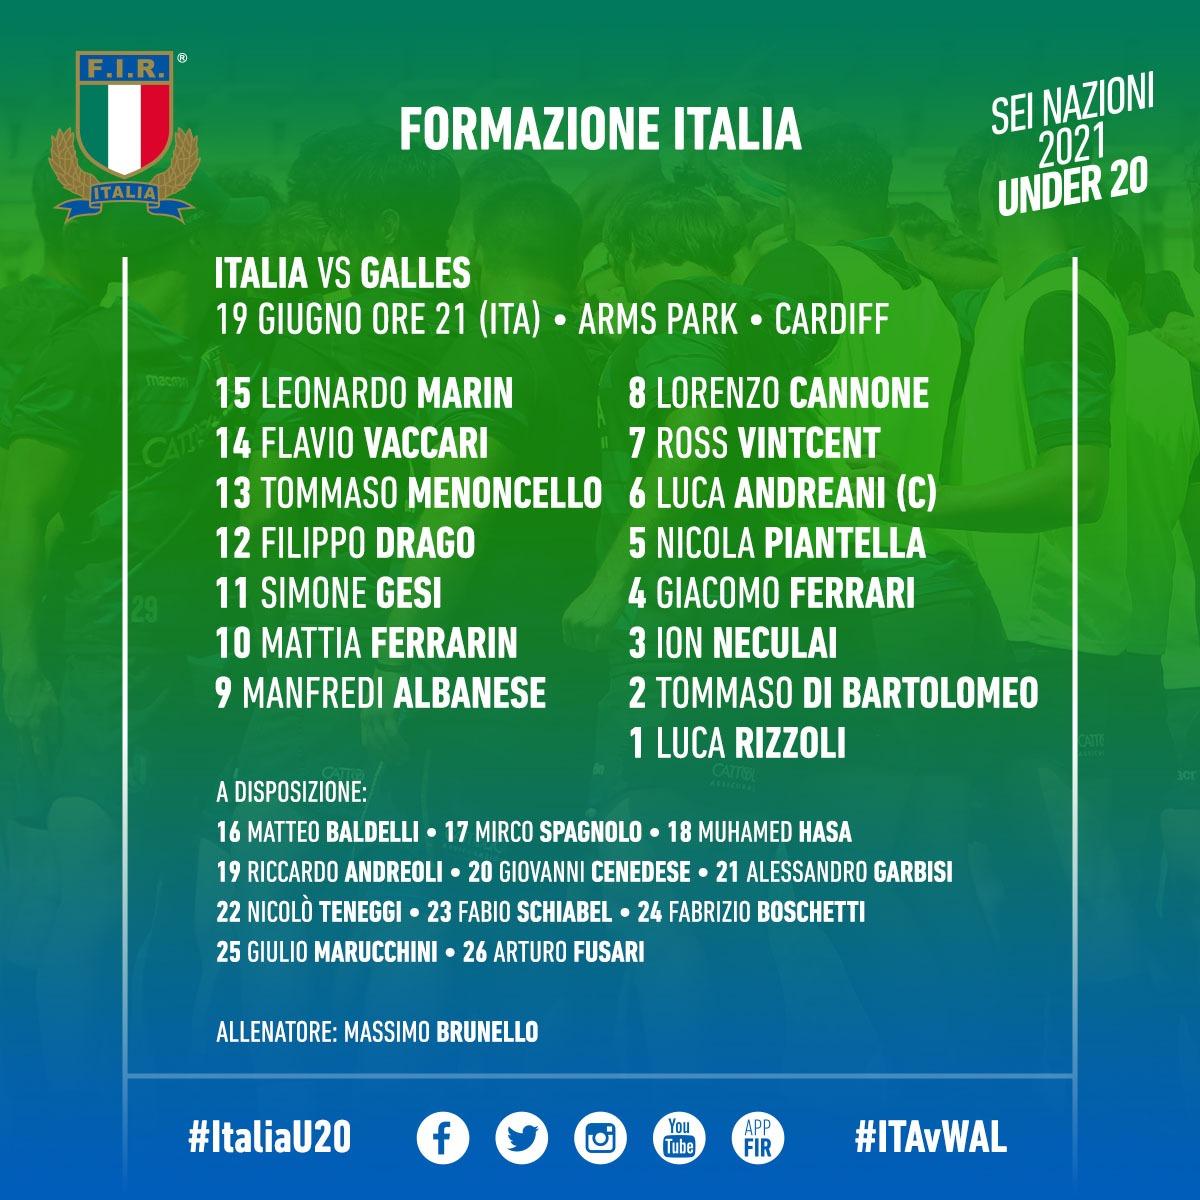 formazione italia u 20 galles